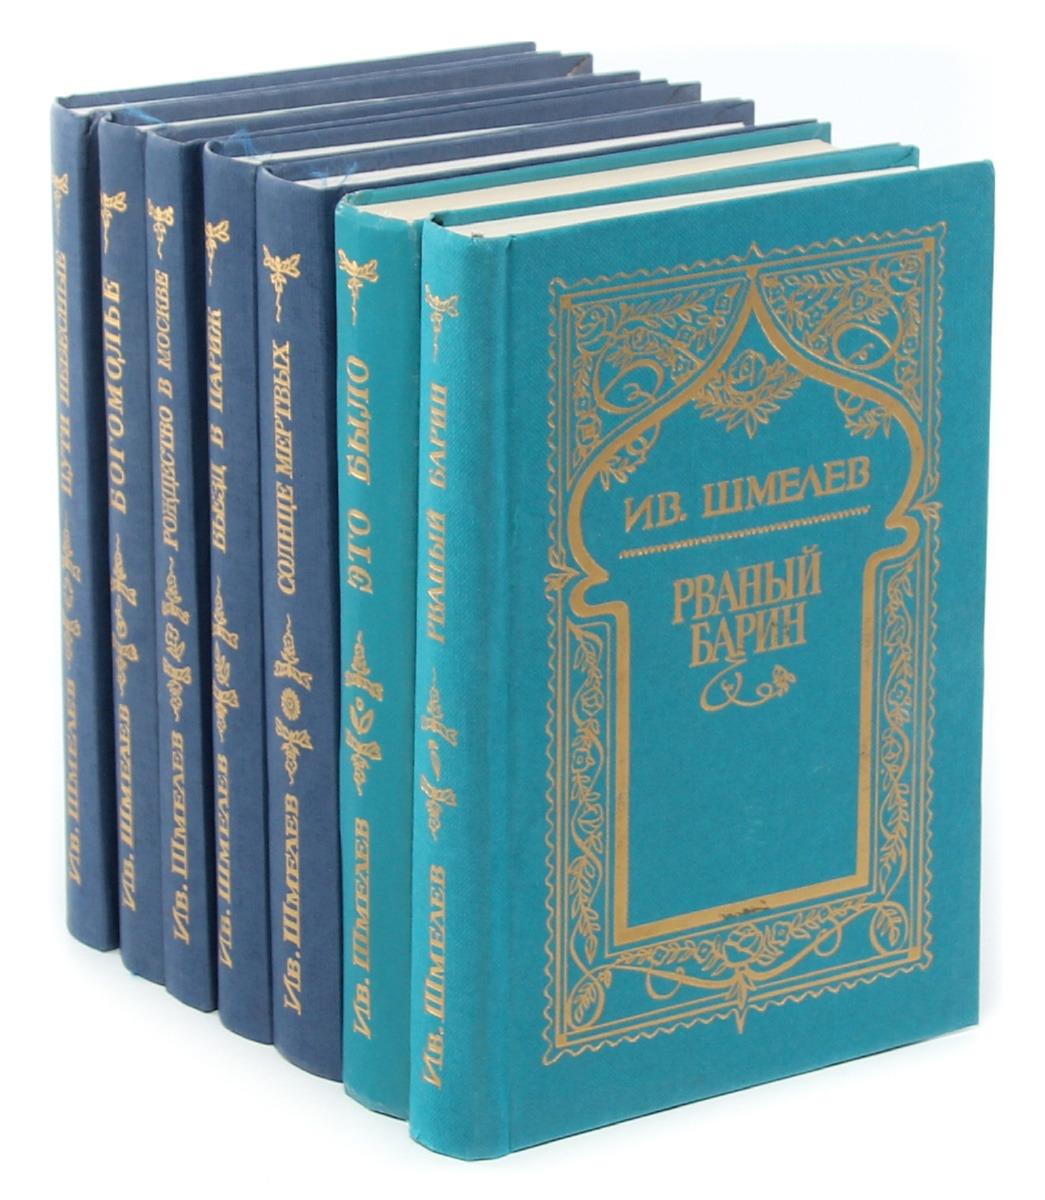 Иван Шмелев. Собрание сочинений (комплект из 7 книг)